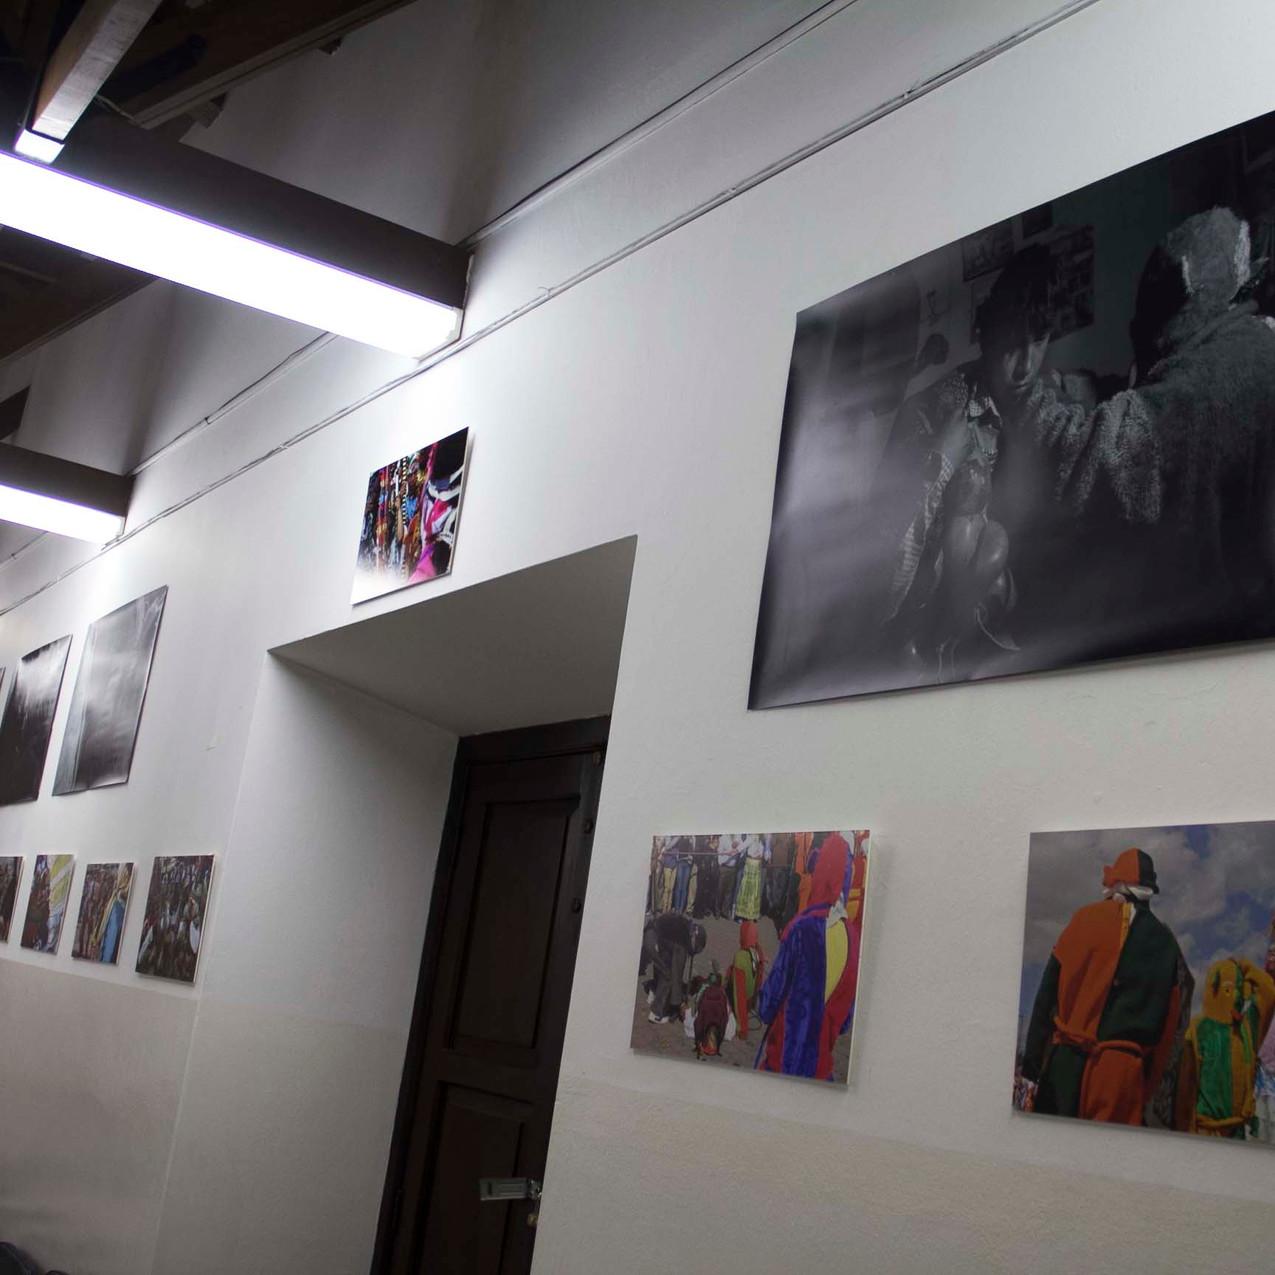 Fotos de la instalación